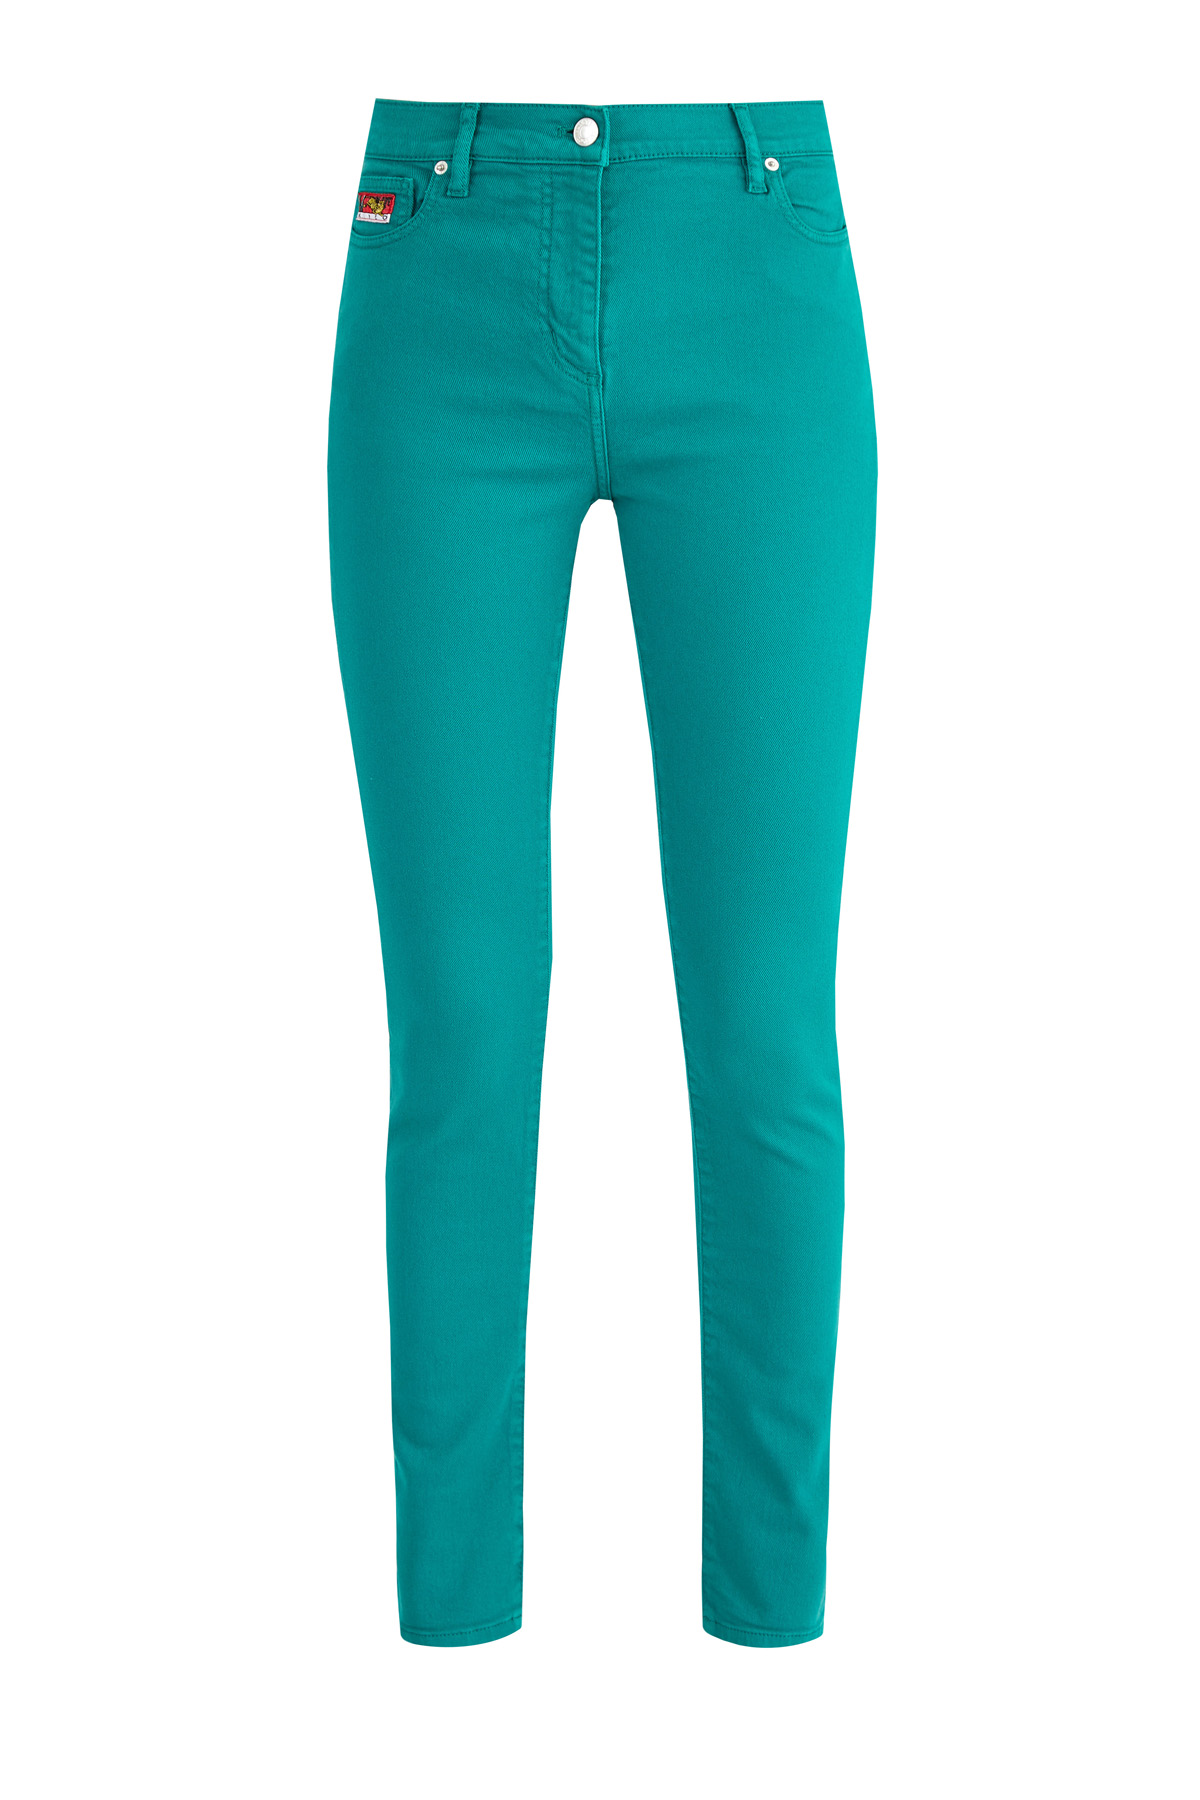 Яркие джинсы-skinny из эластичного денима на высокой посадке